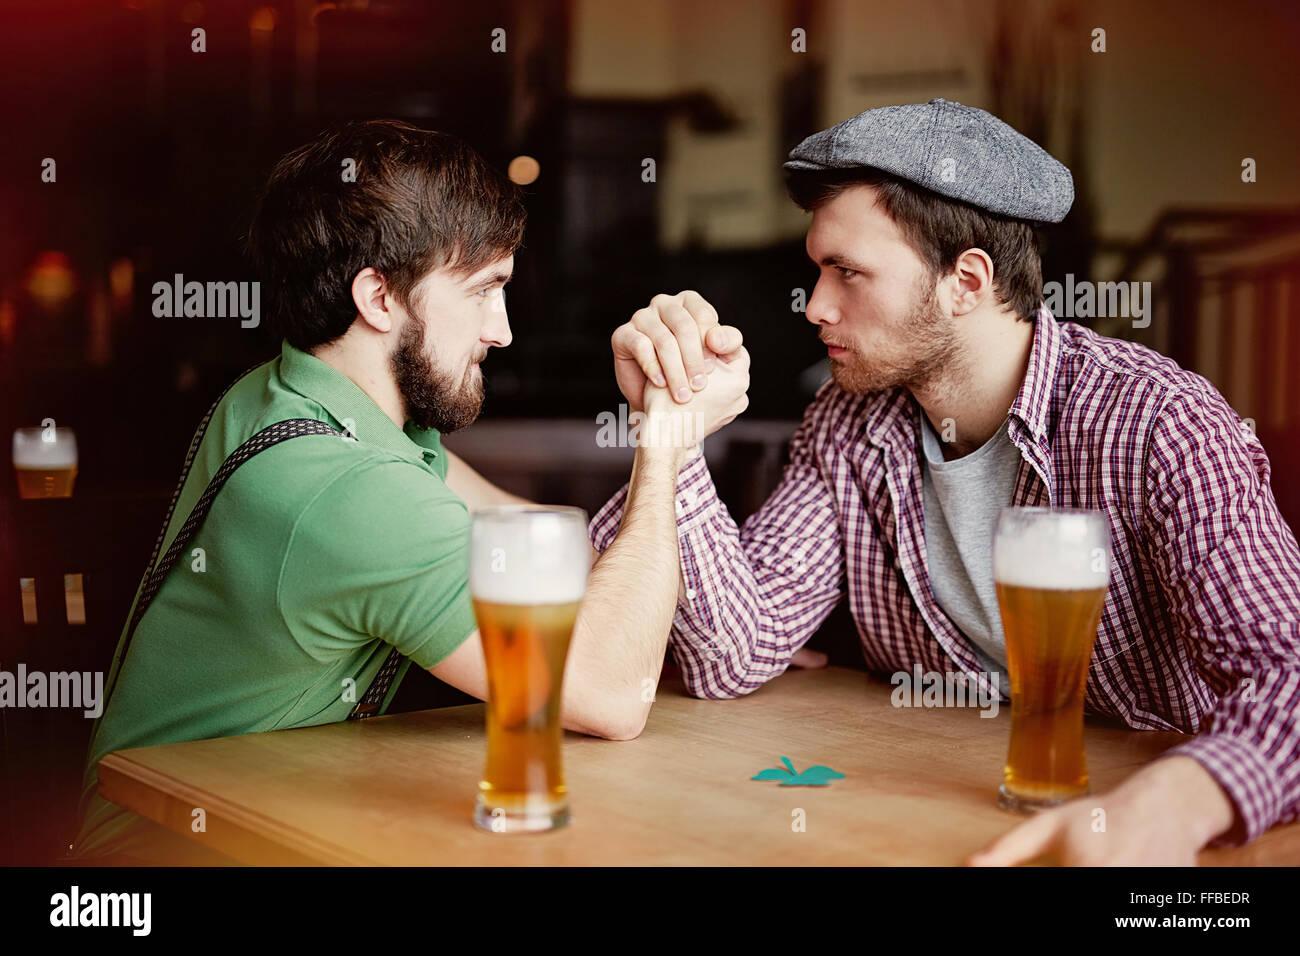 Zwei junge Männer sitzen in der Kneipe Armdrücken Stockbild